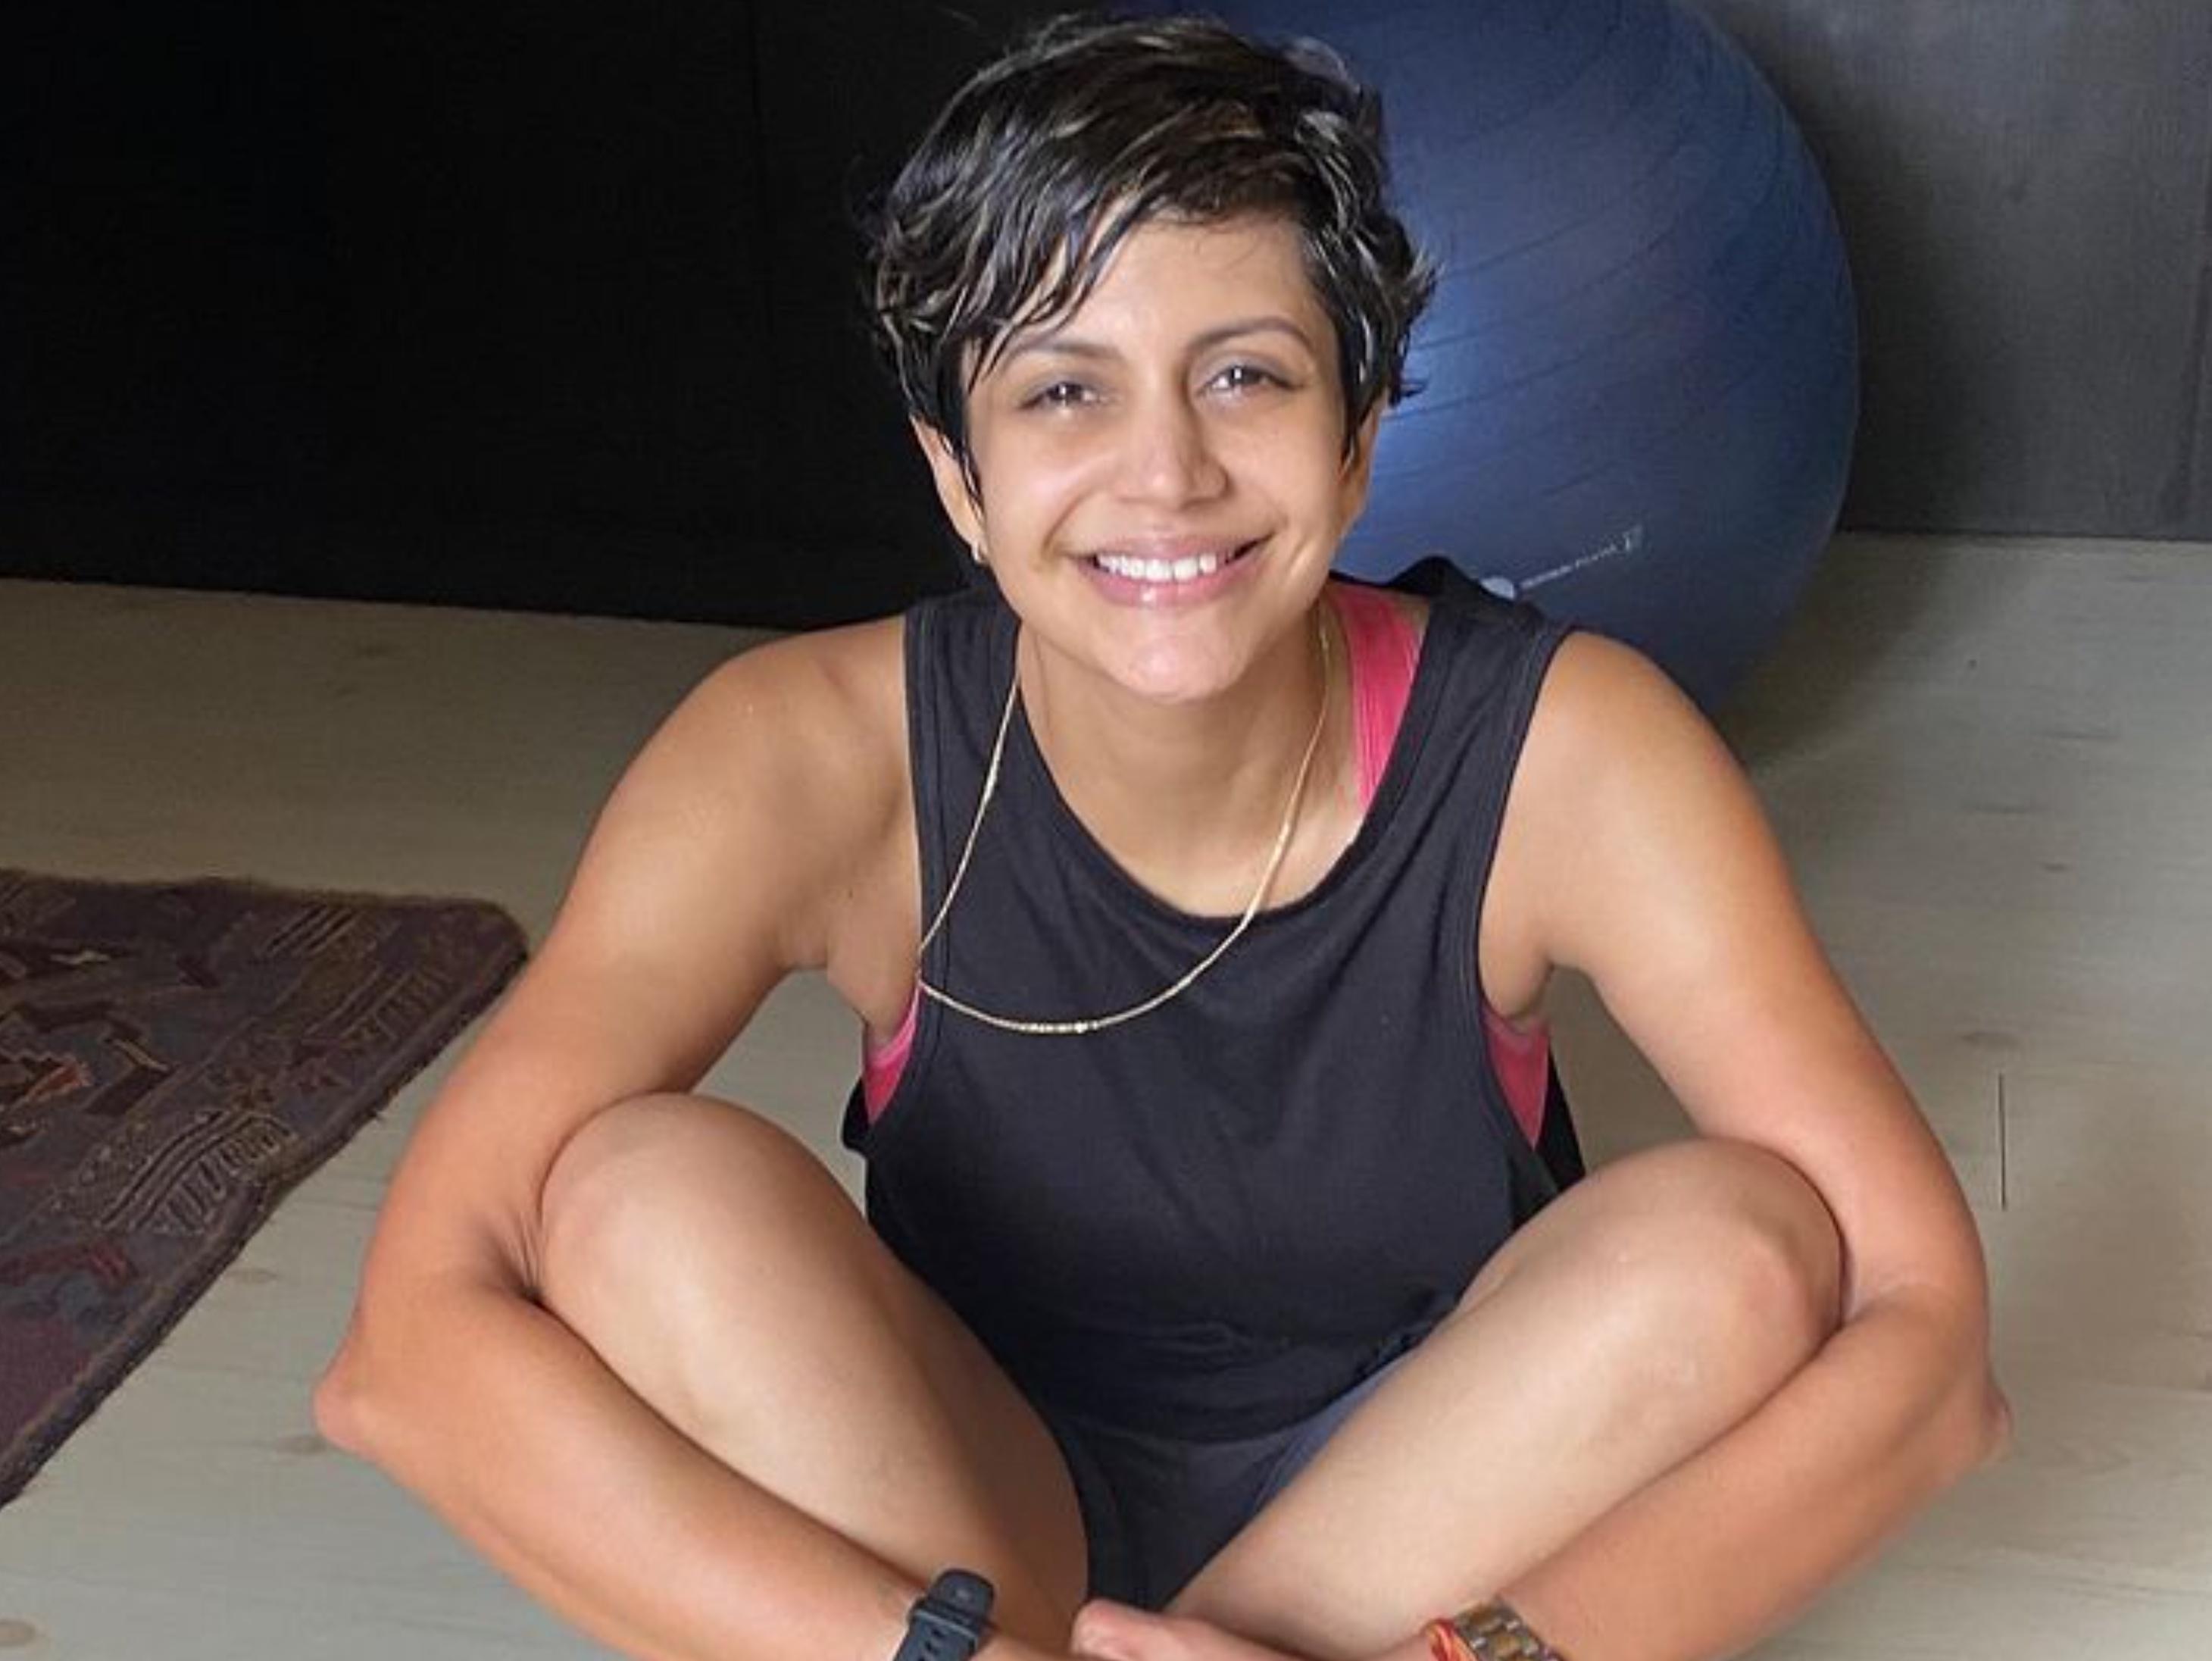 पति राज की मौत के बाद मंदिरा ने कहा- बैक टू वर्क टुडे, जिंदगी को शुरू करने का वक्त है बॉलीवुड,Bollywood - Dainik Bhaskar